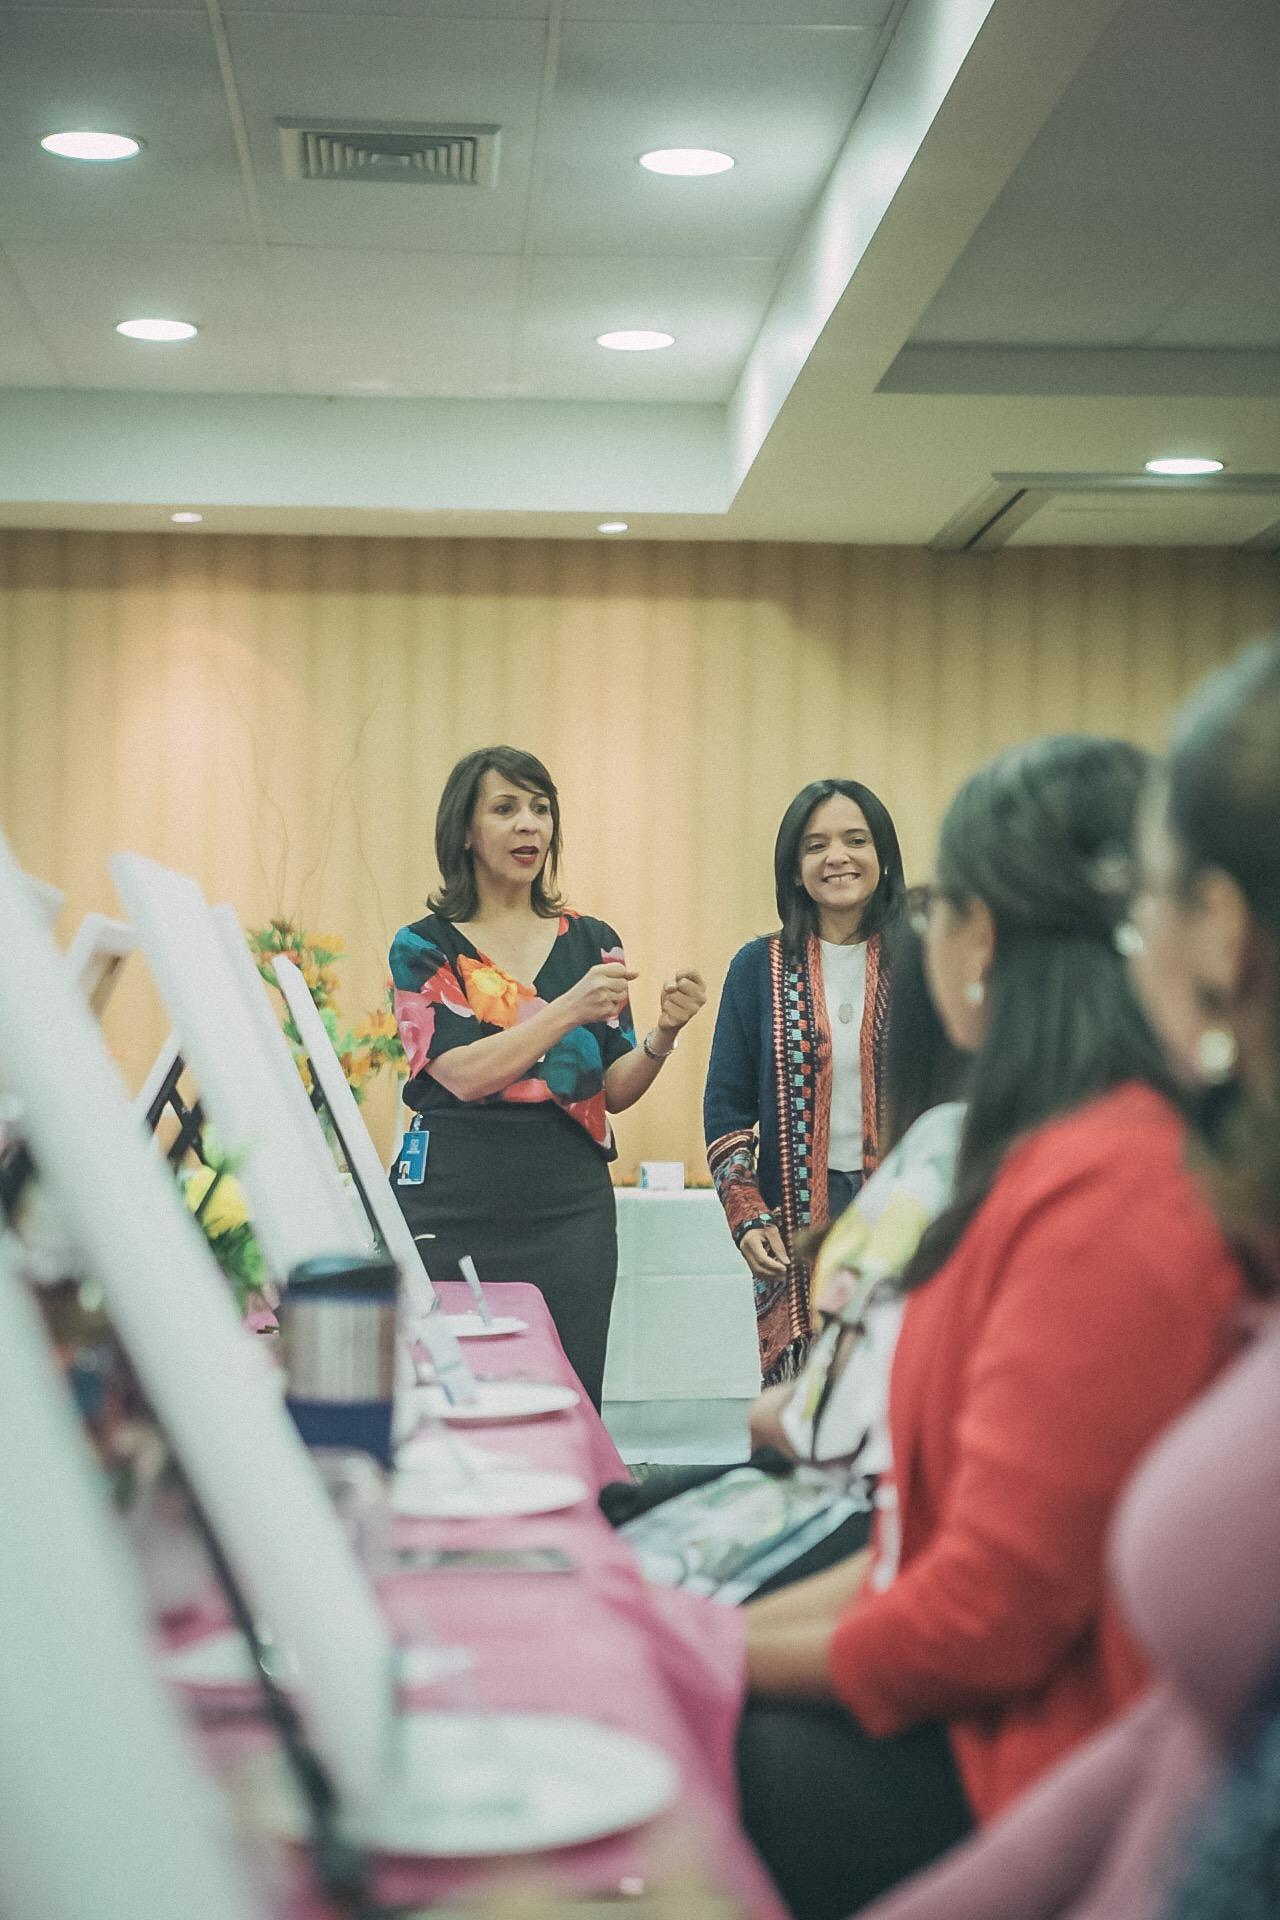 APAP Mildred MInaya y Rosa Ortega mientras daban la bienvenida.